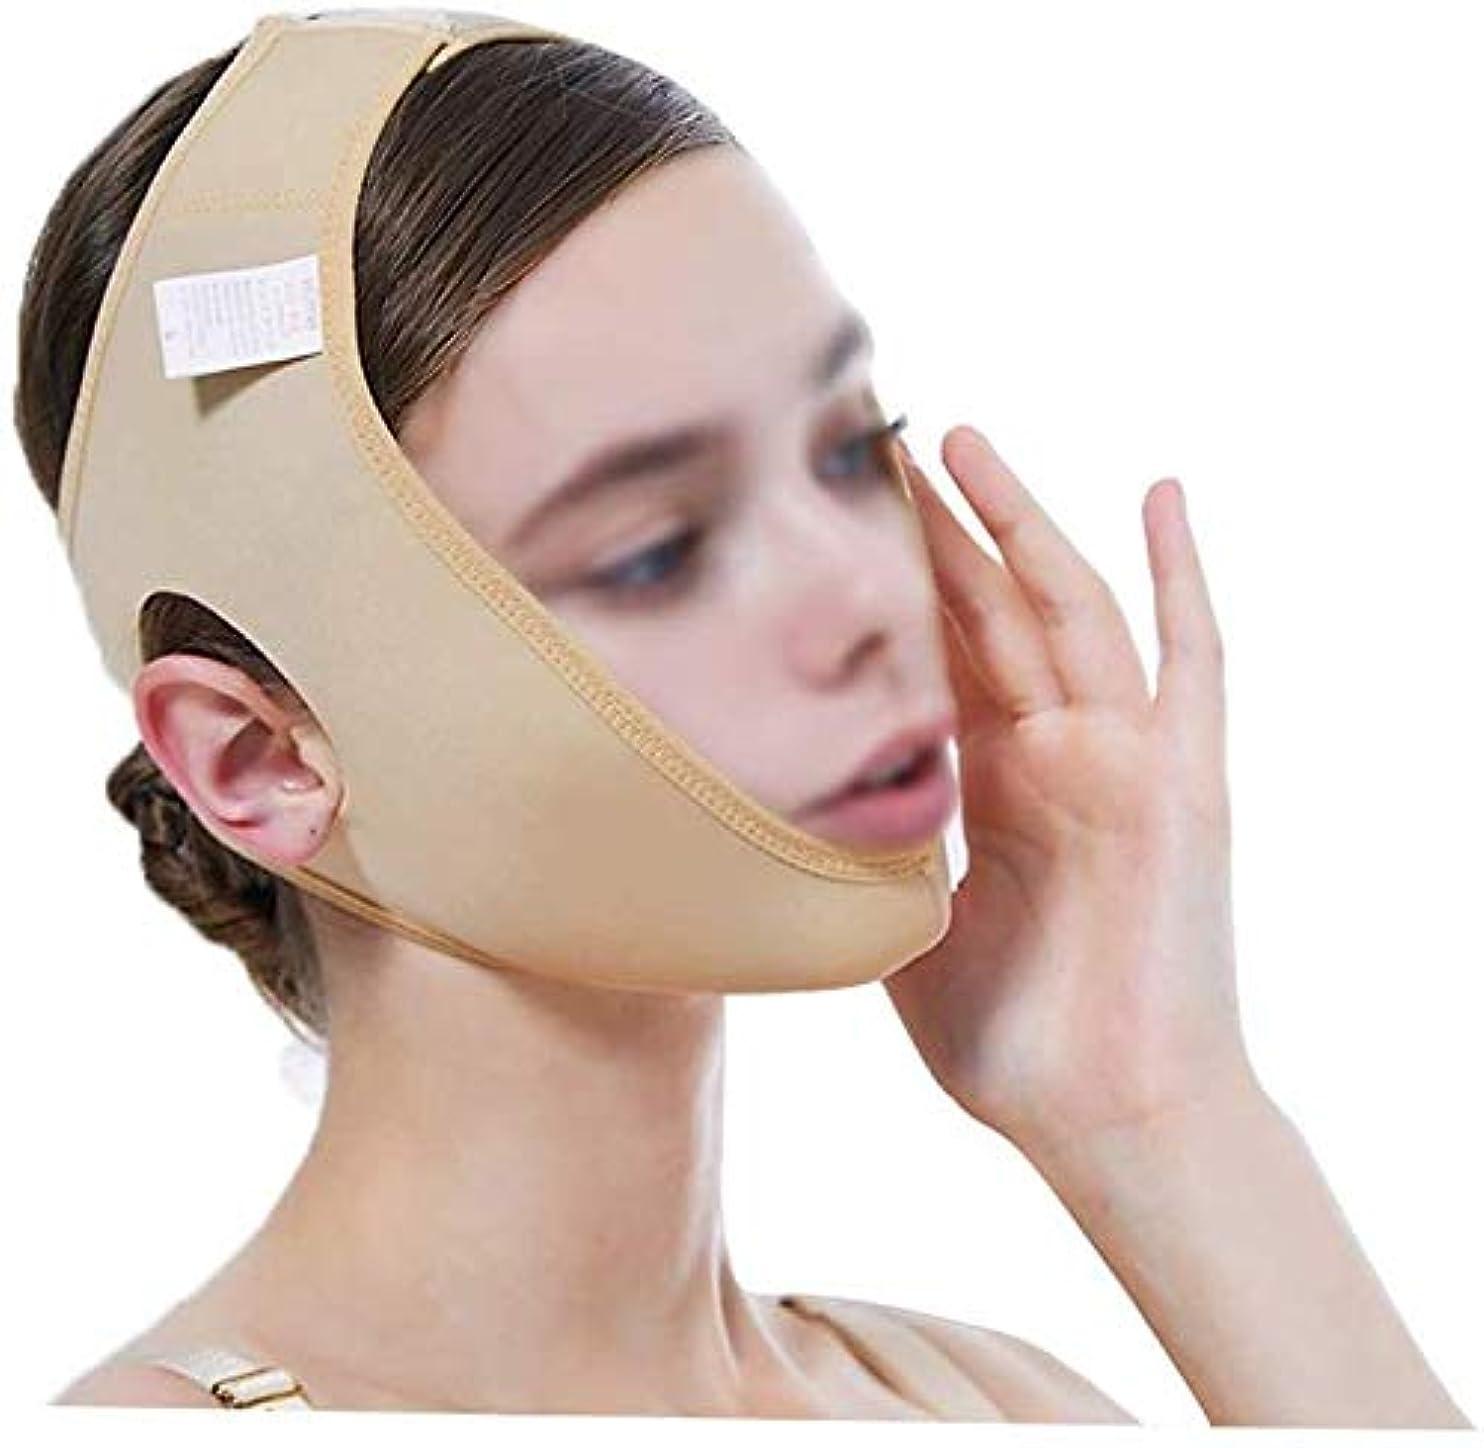 不良キャンディー可能美しさと実用的な顔と首のリフト、減量ポストヘッド薄型ダブルチンアーティファクトVフェイスビームフェイスジョーセットフェイスマスク(サイズ:XS)